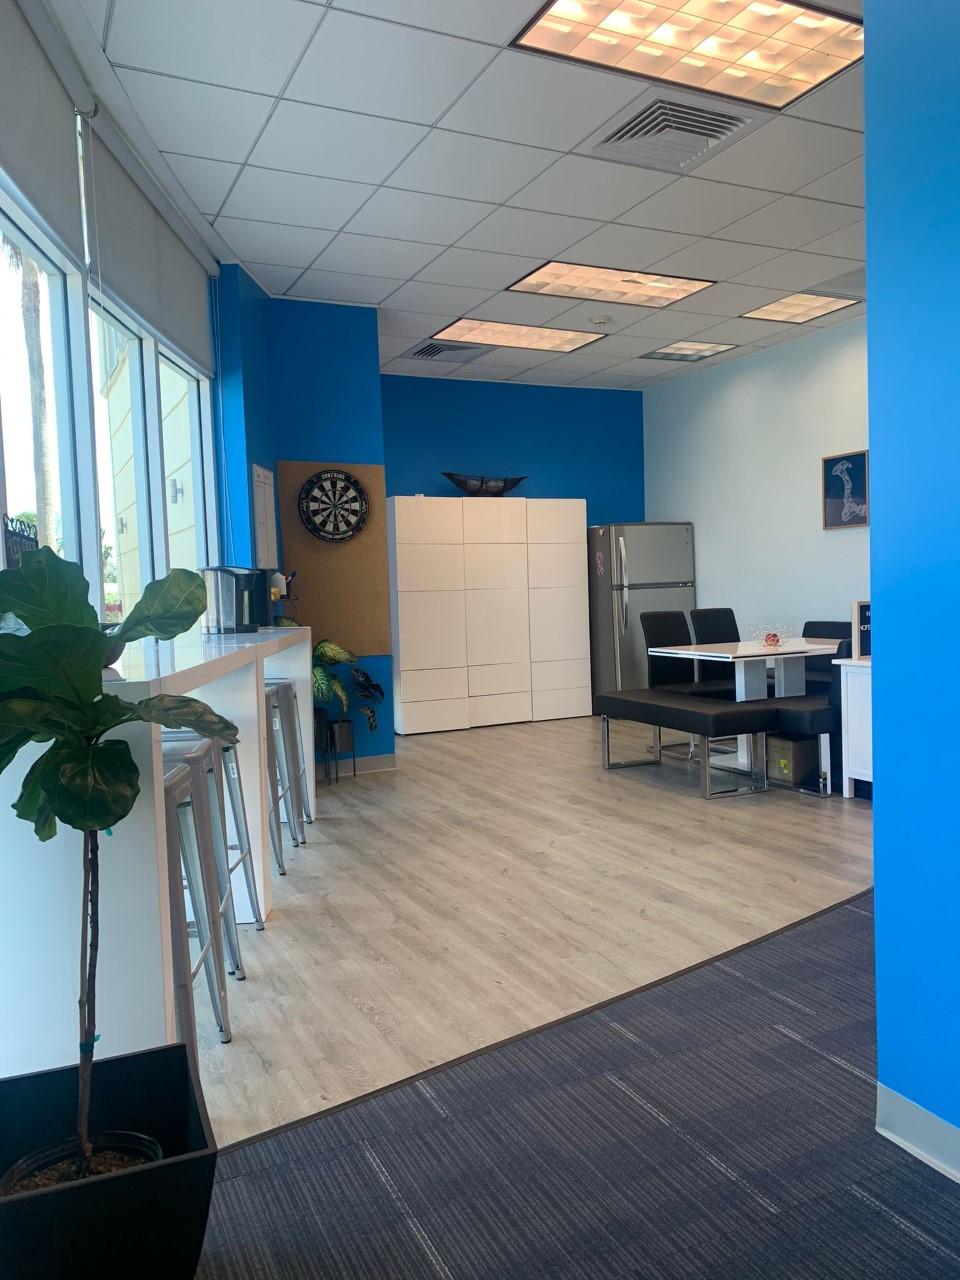 Eightpoint Office - Break Room